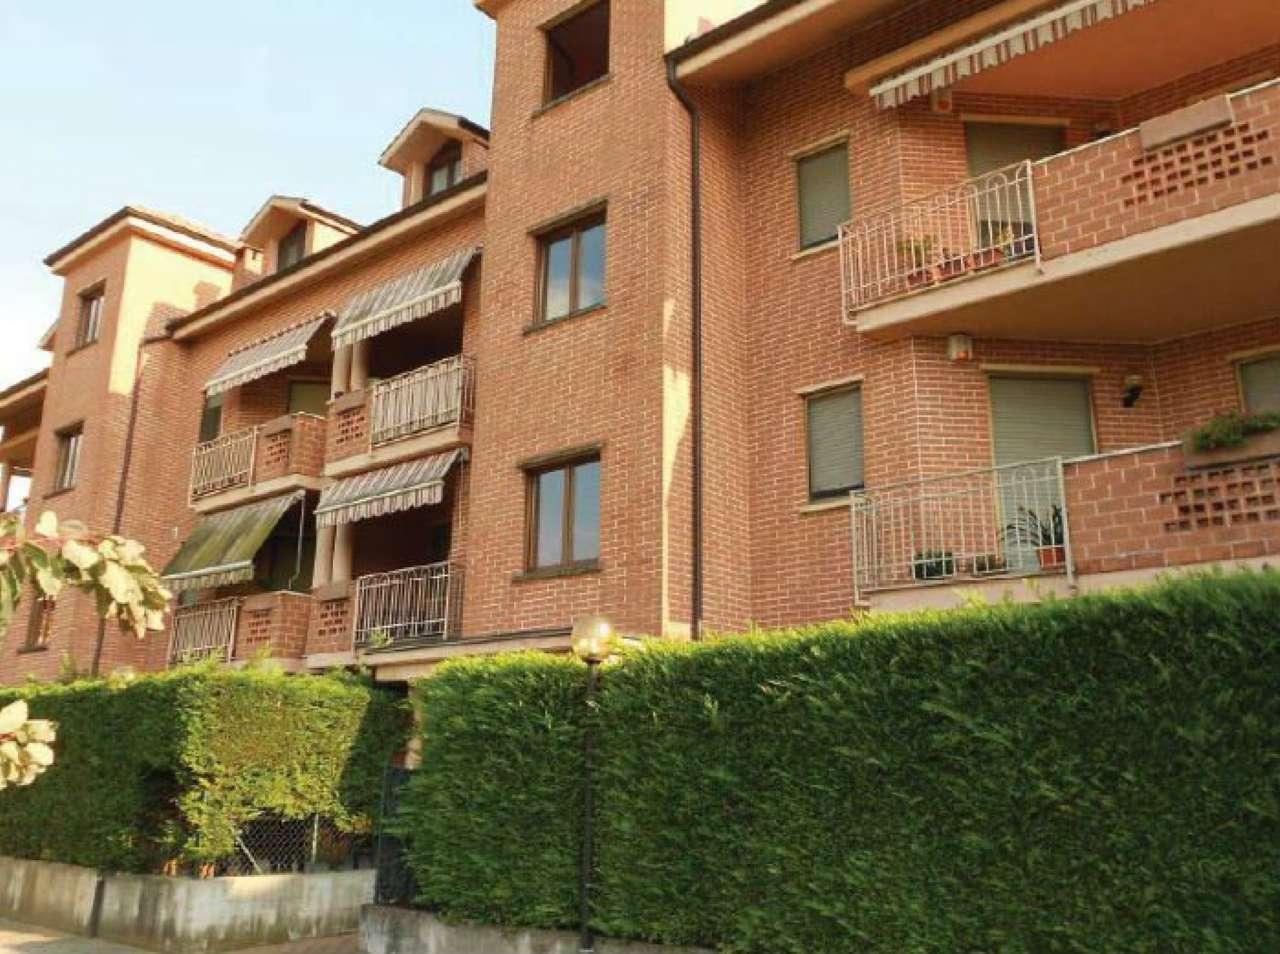 Nichelino Nichelino Vendita APPARTAMENTO >> affitto alloggi: case a torino